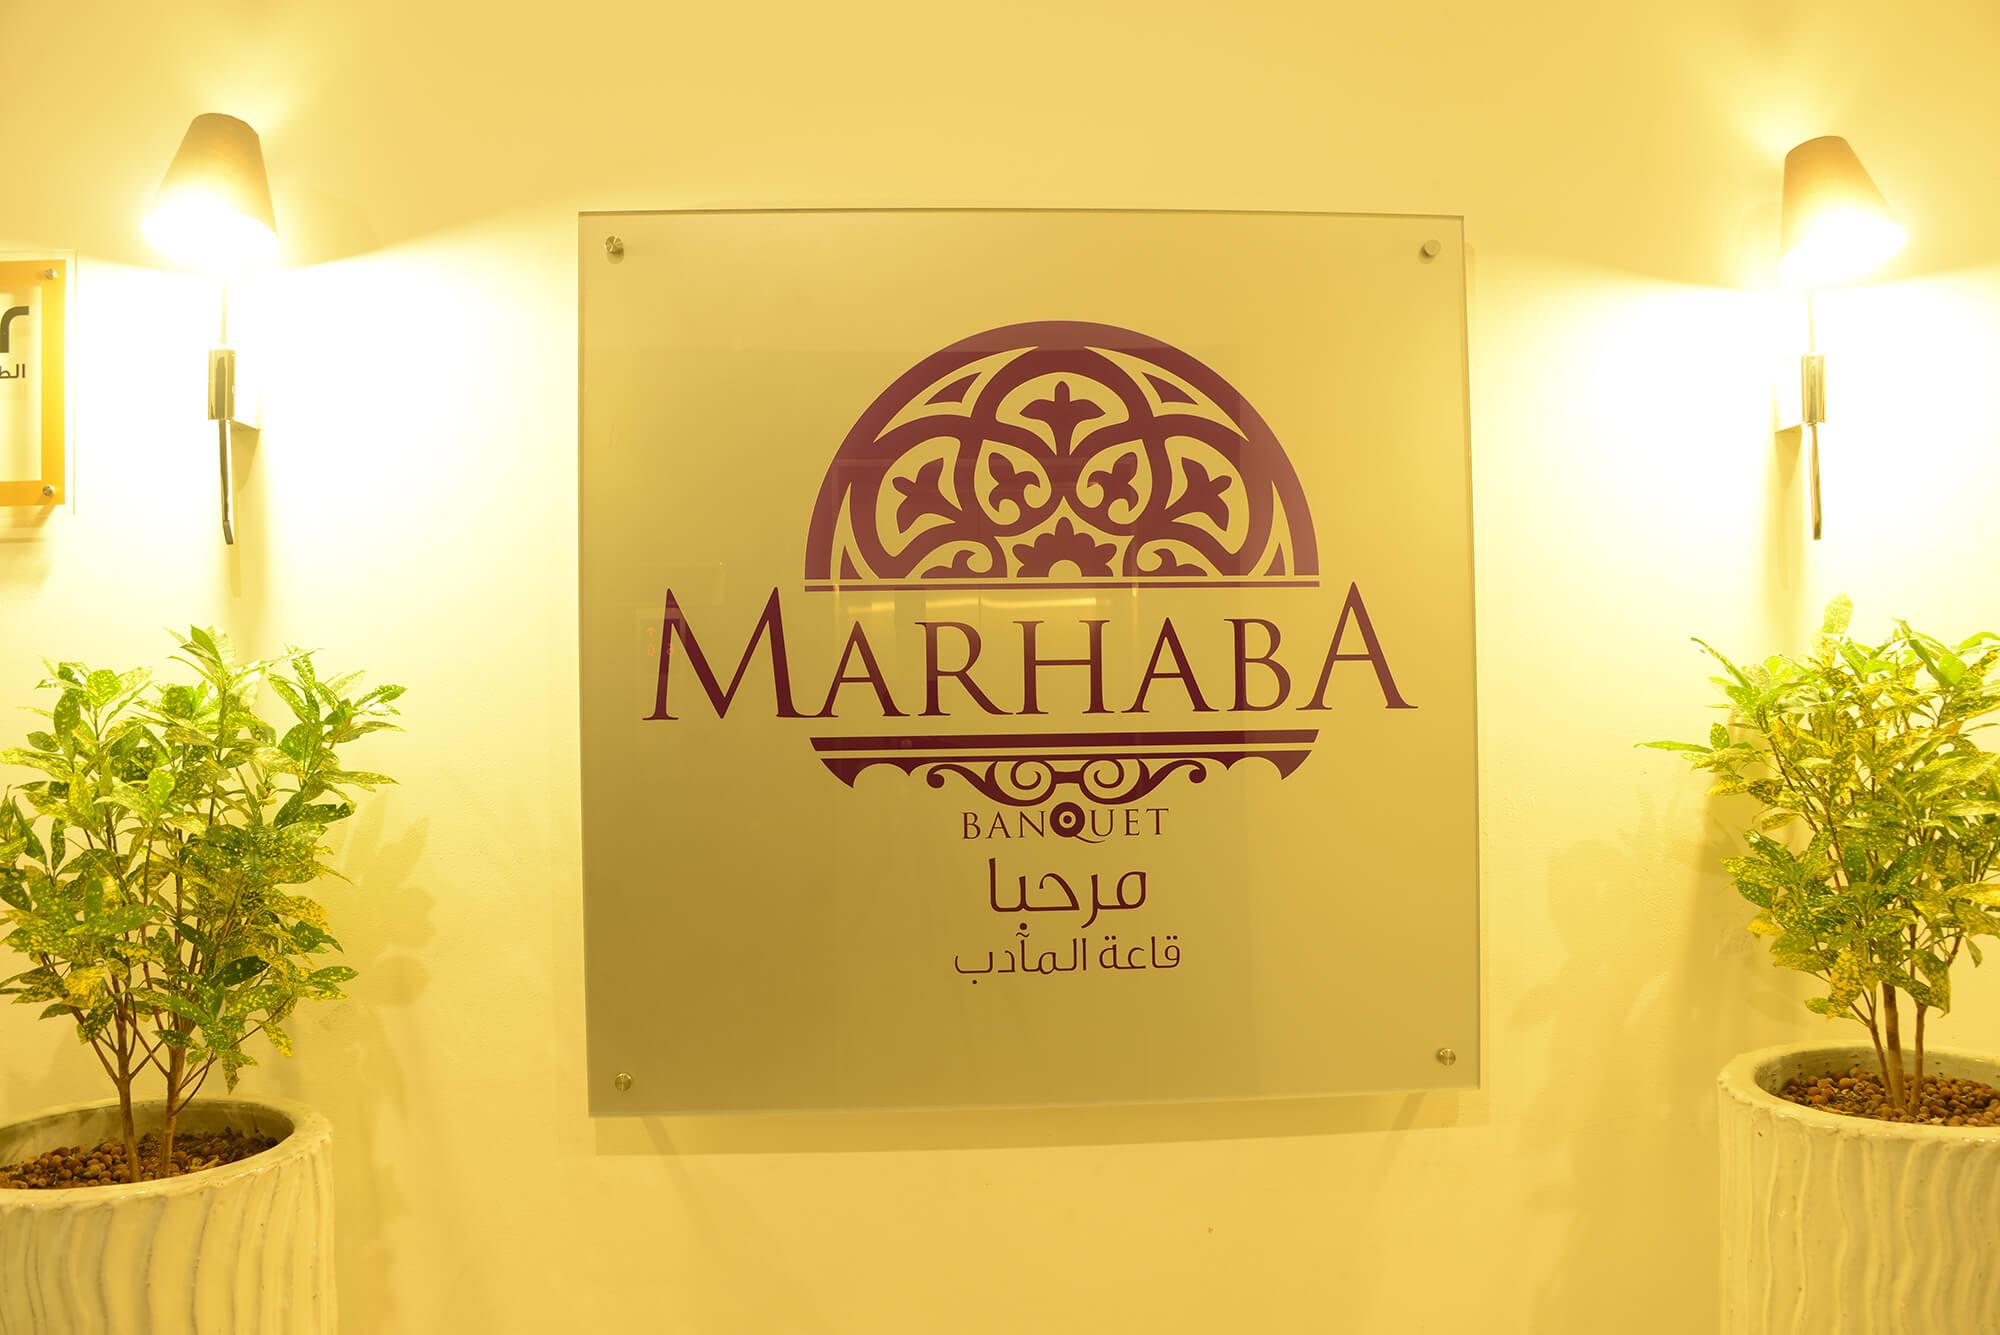 MARHABA Banquet